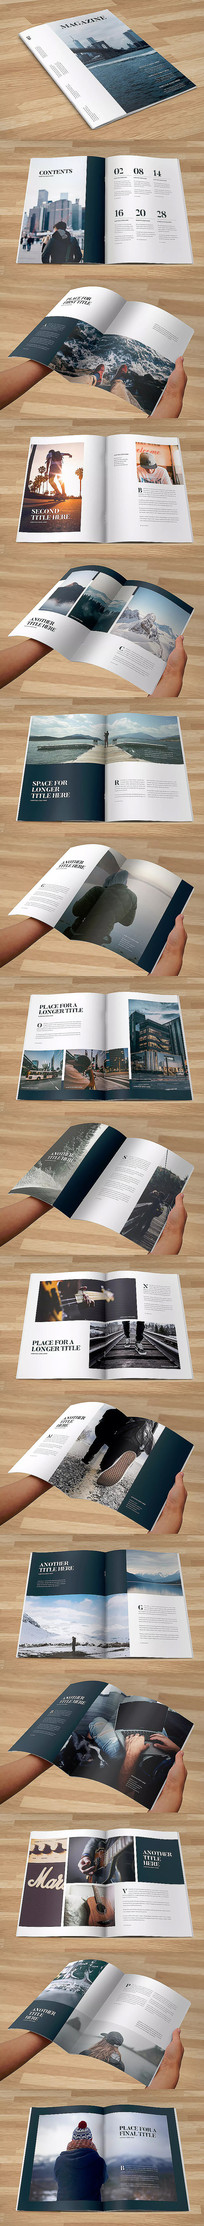 时尚摄影画册